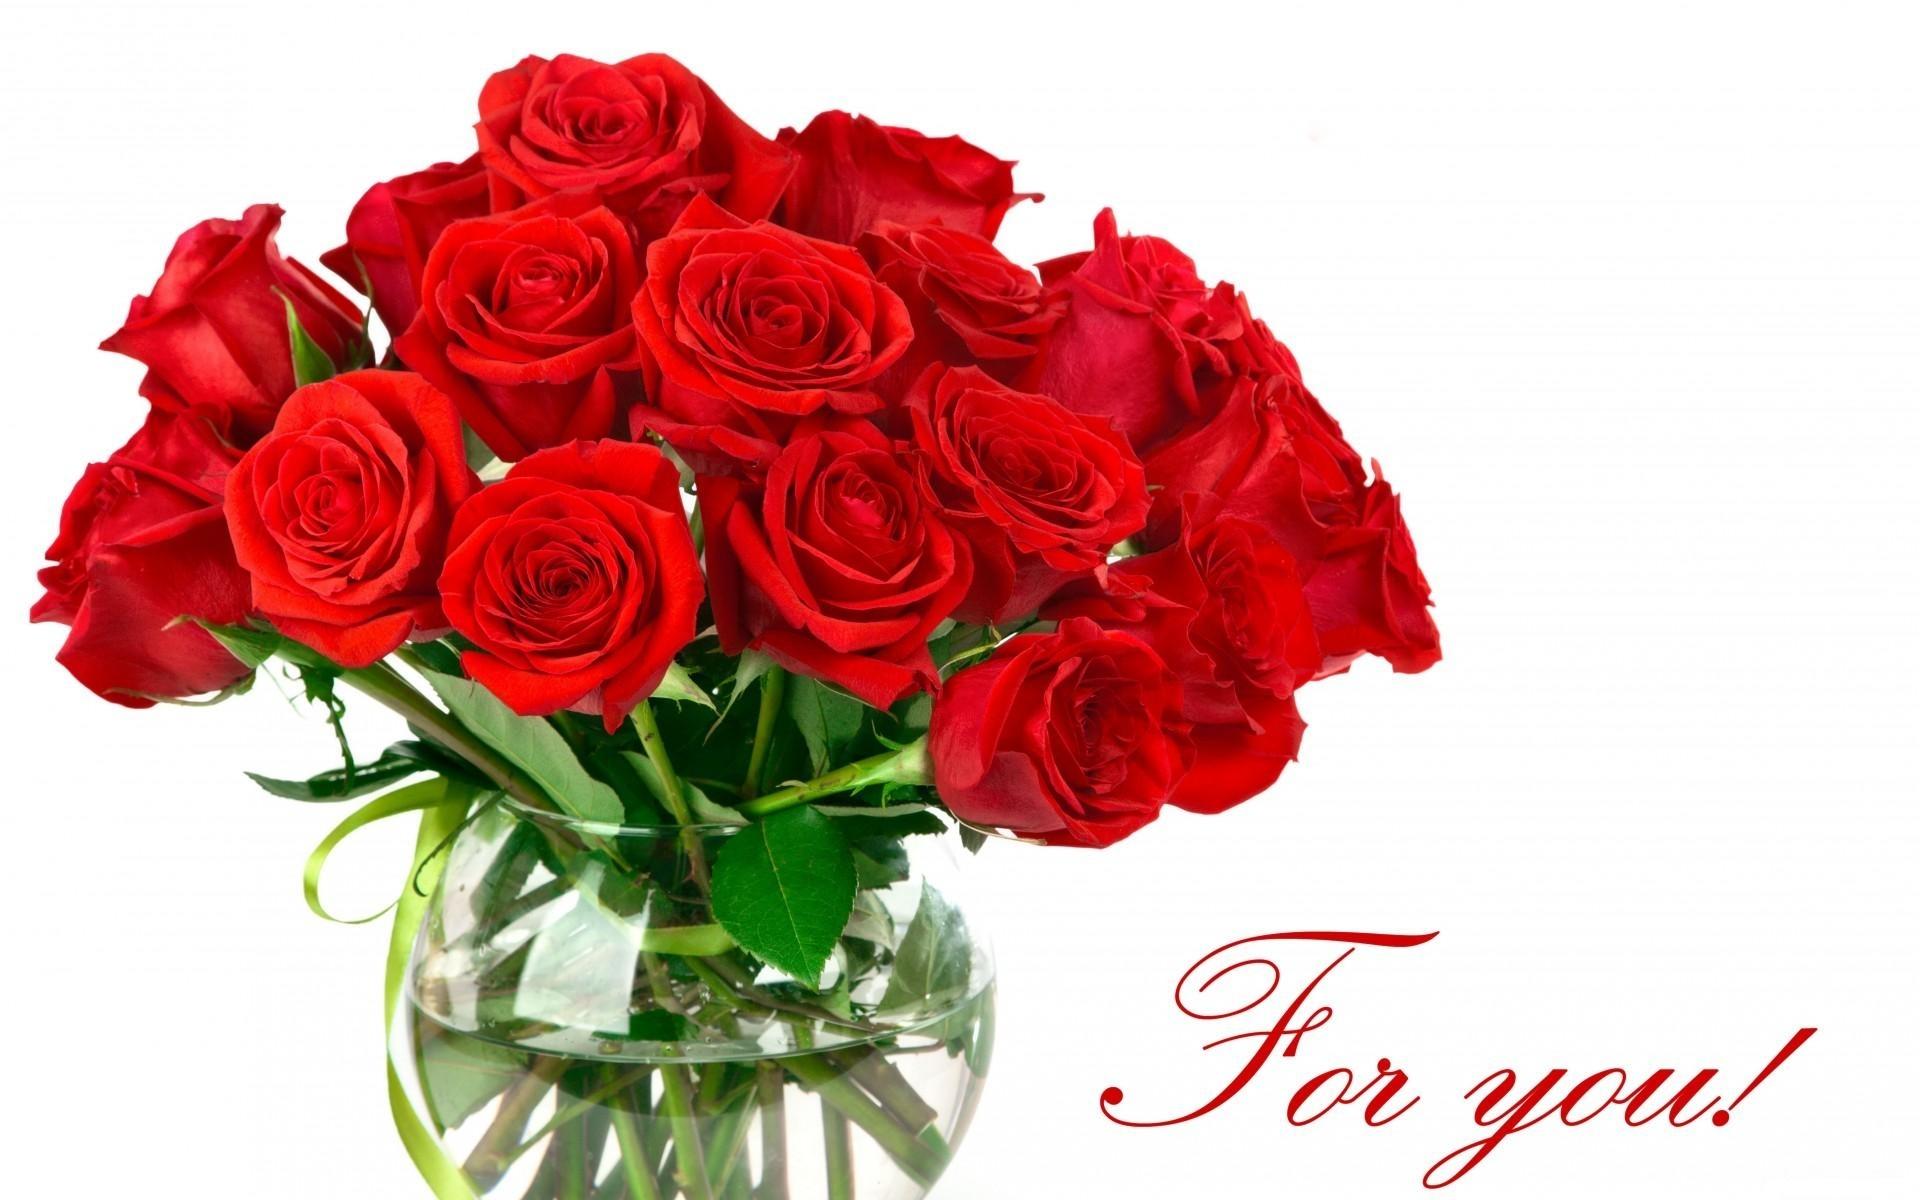 Красивые слова в открытку с цветами, днем ангела